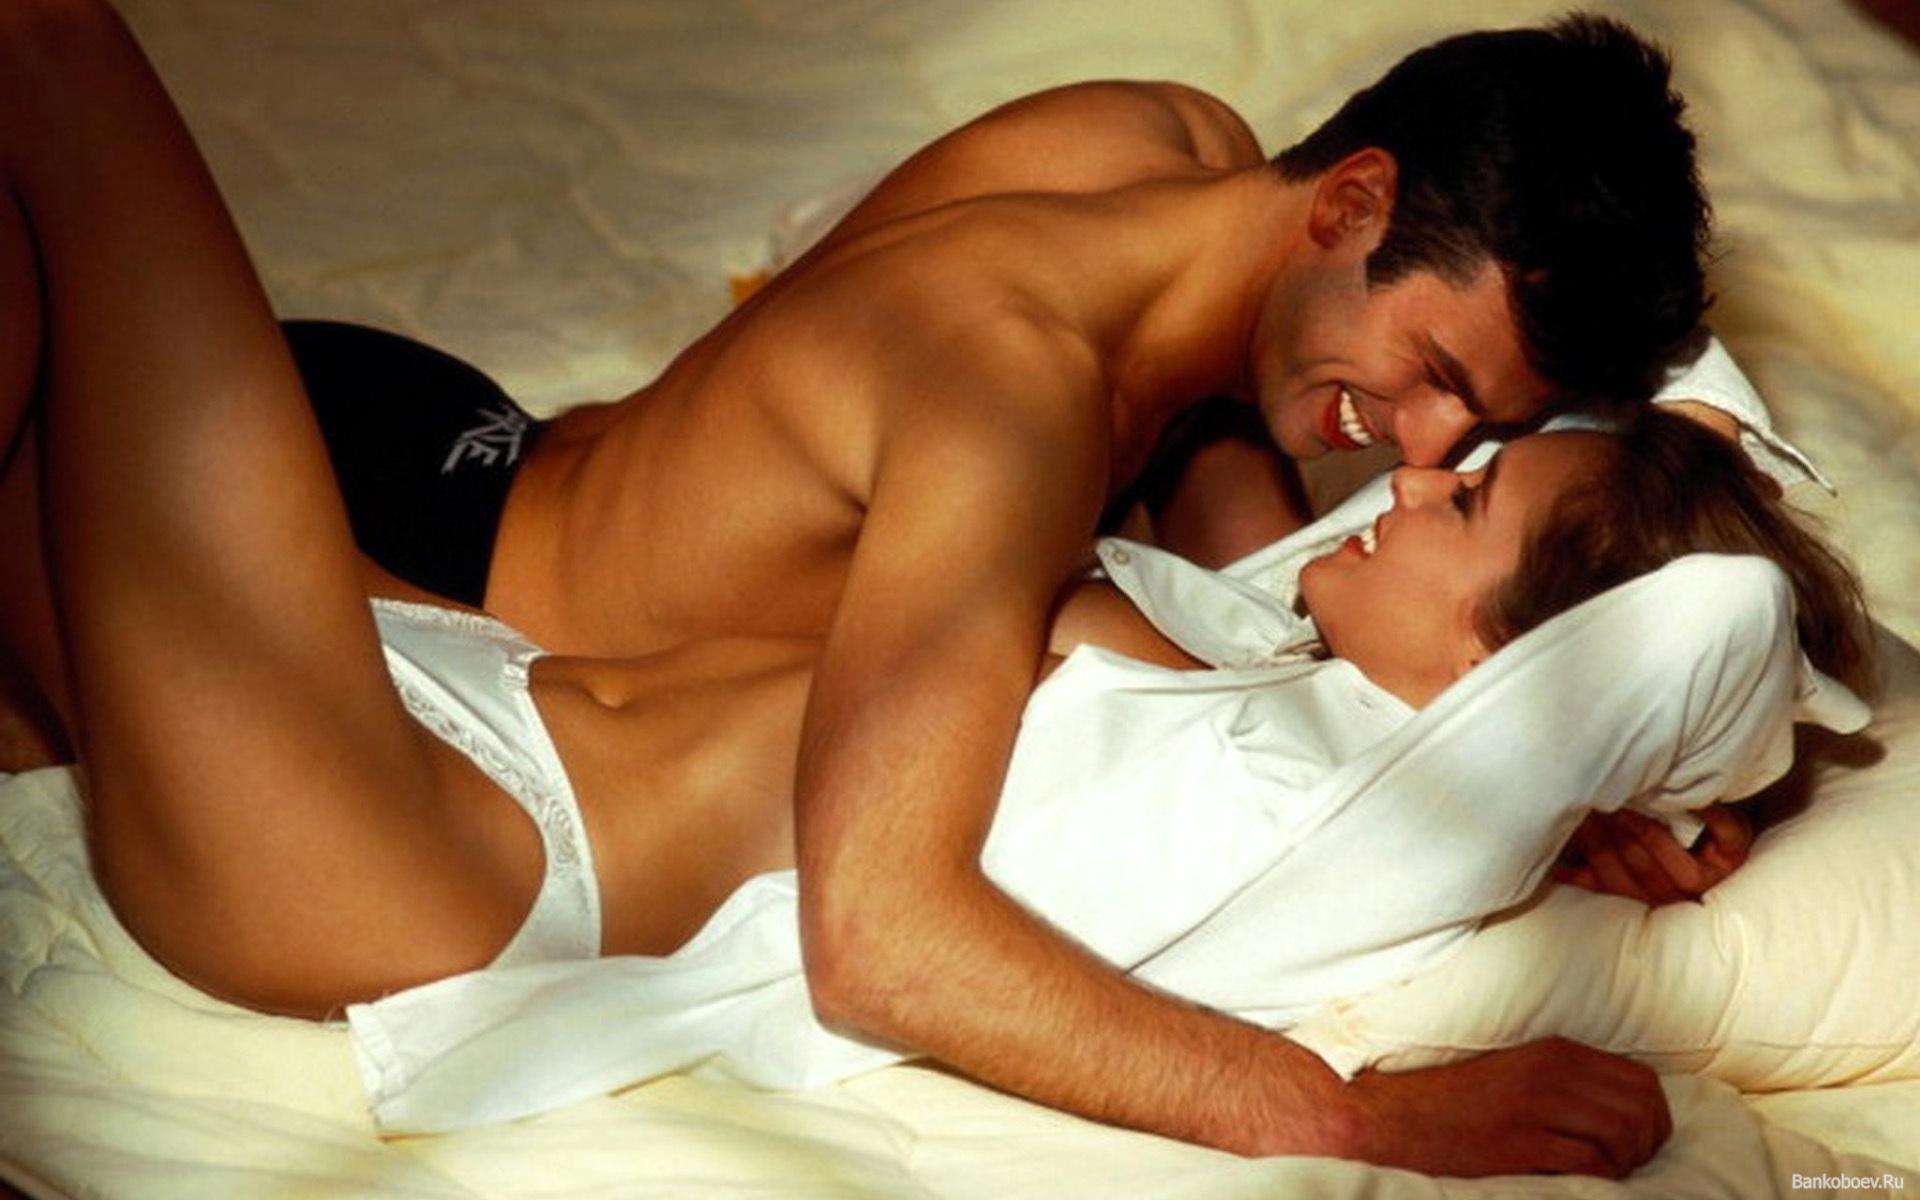 Секс в постеле замужняя женщина и мужчина фото фото 37-73